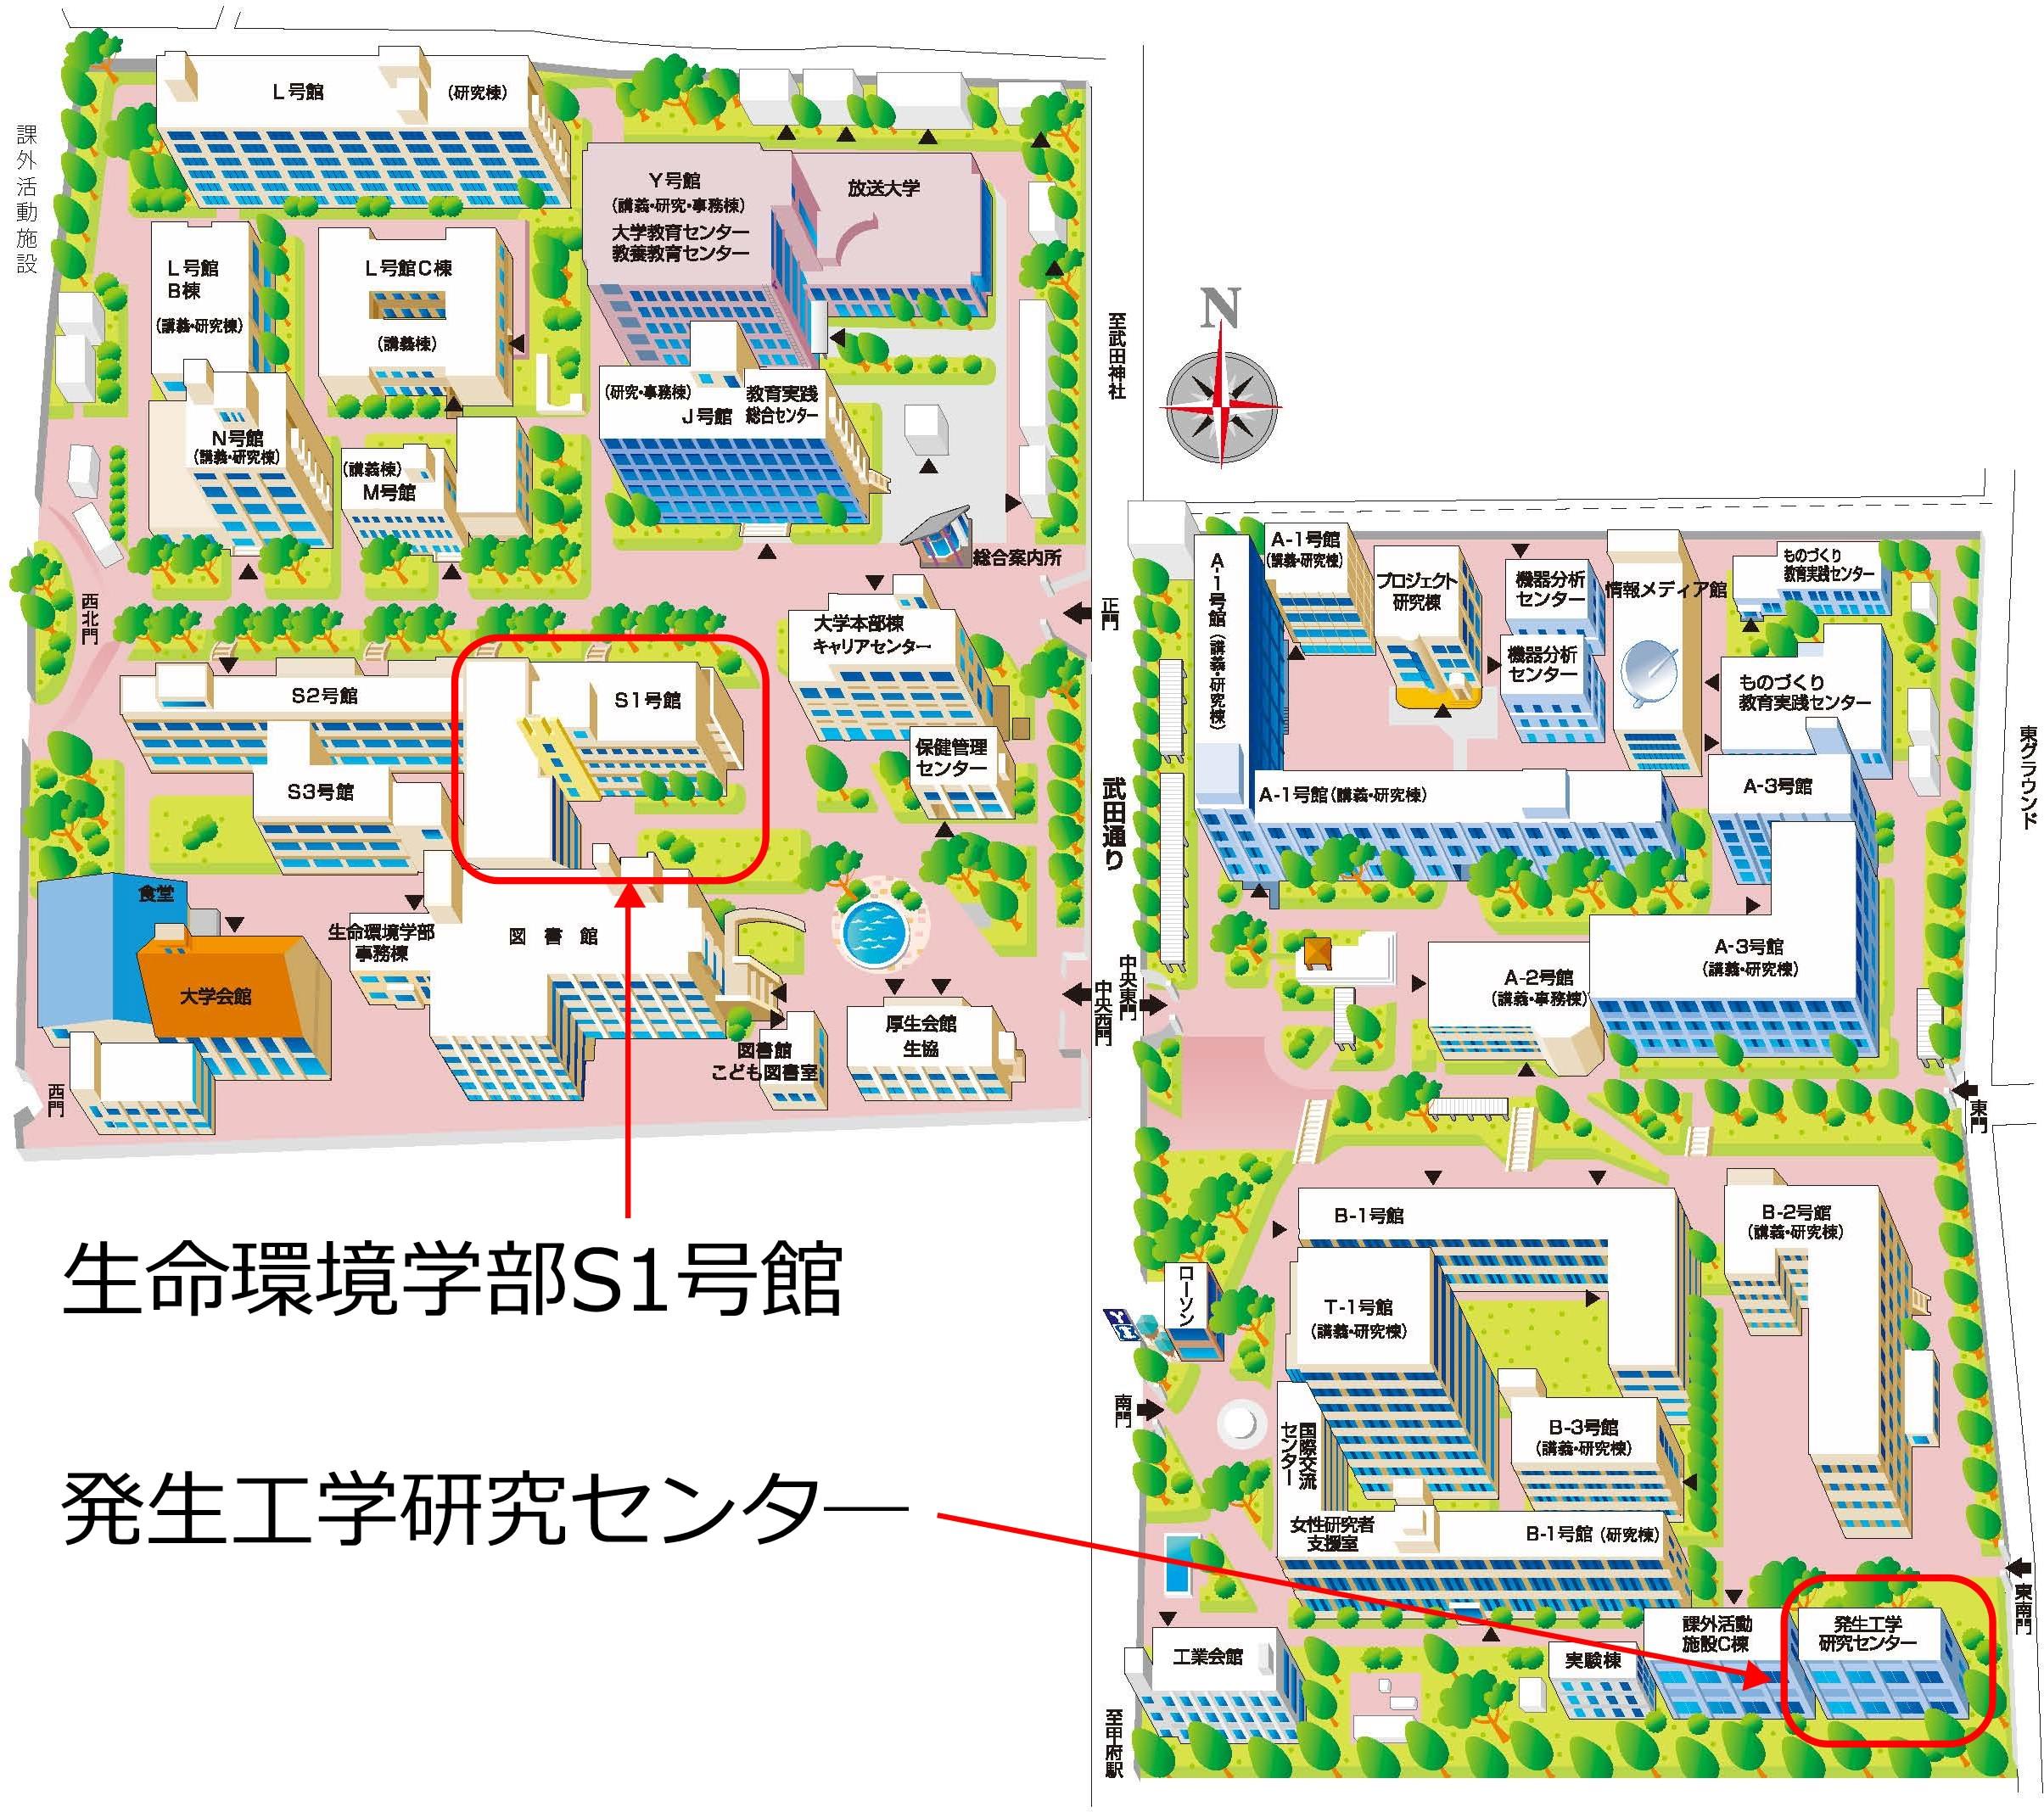 甲府東キャンパス建物配置図